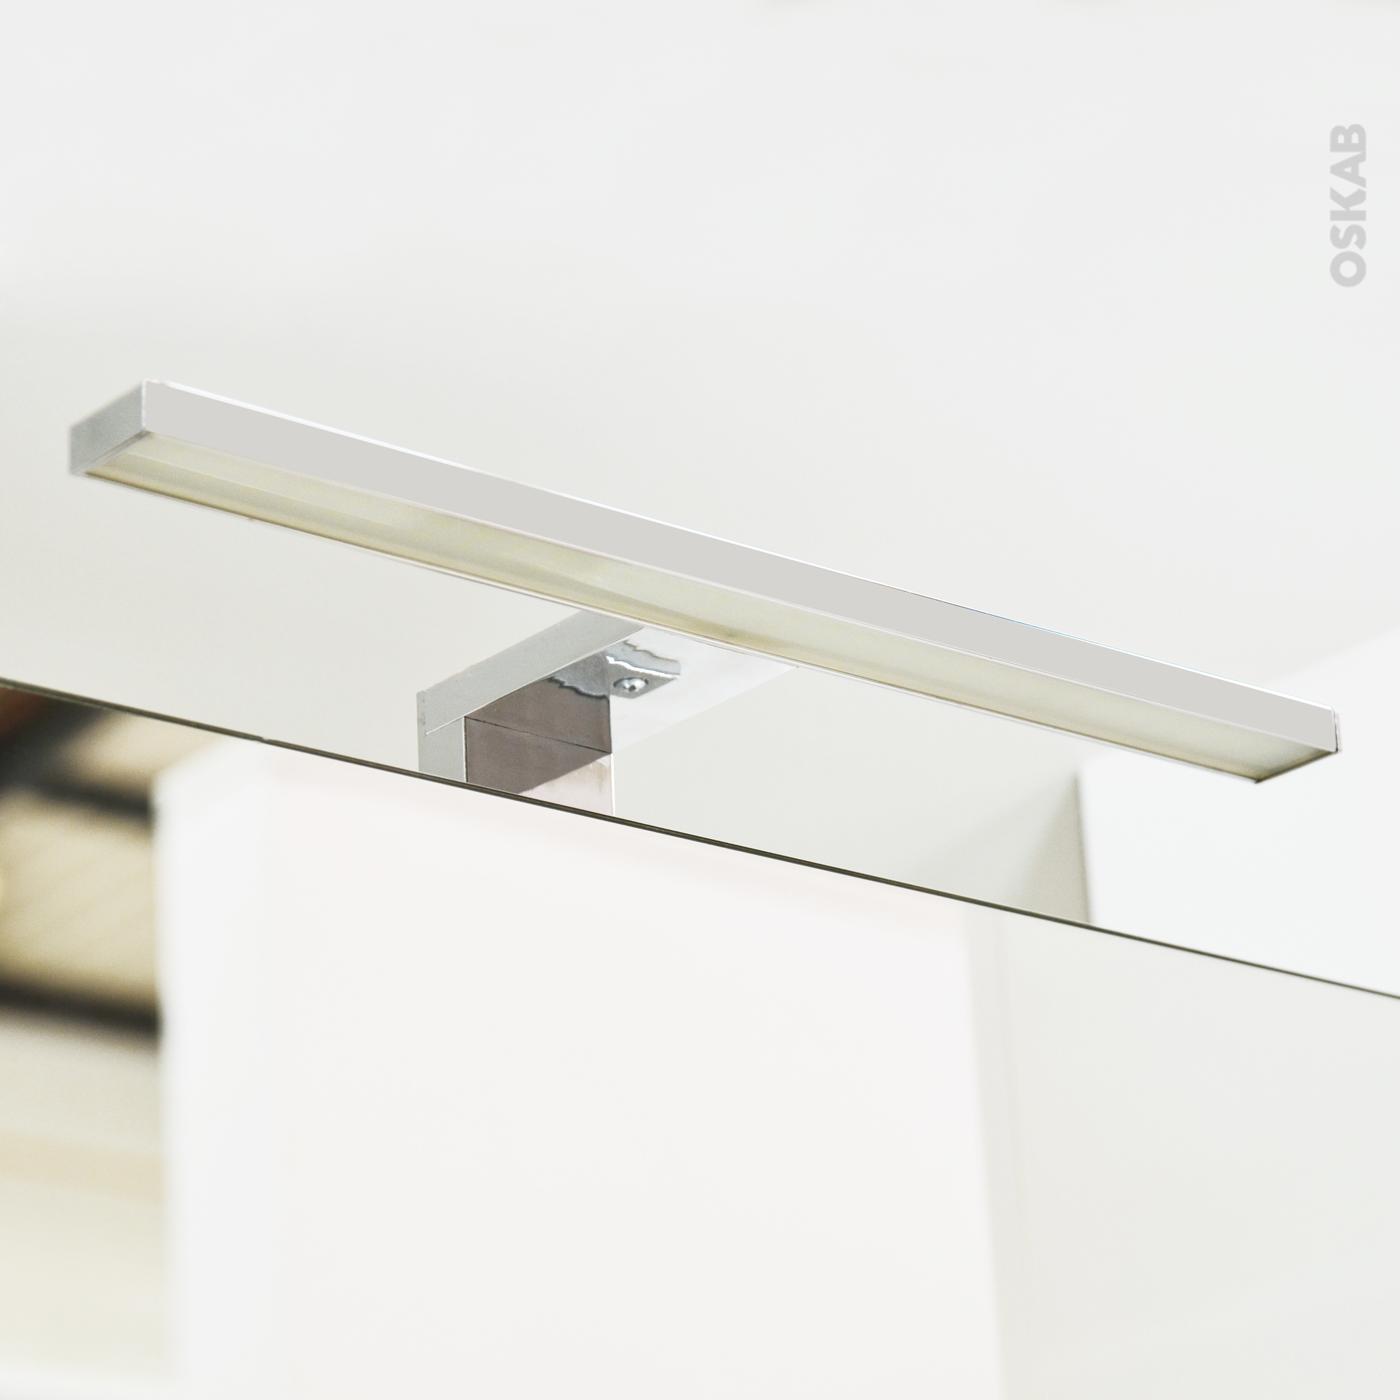 miroir salle de bain eclairage led. Black Bedroom Furniture Sets. Home Design Ideas